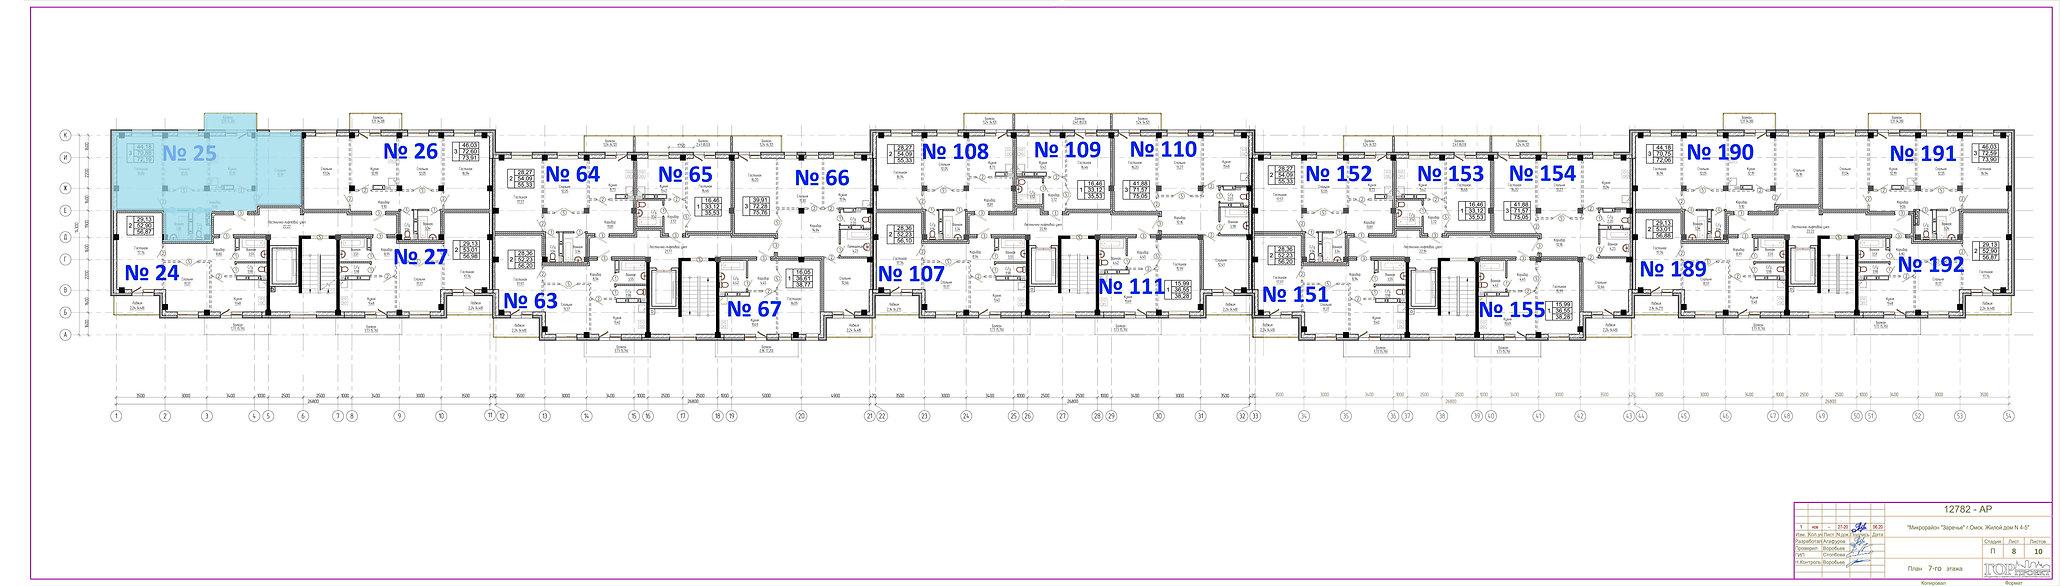 7 этаж кв 25.jpg